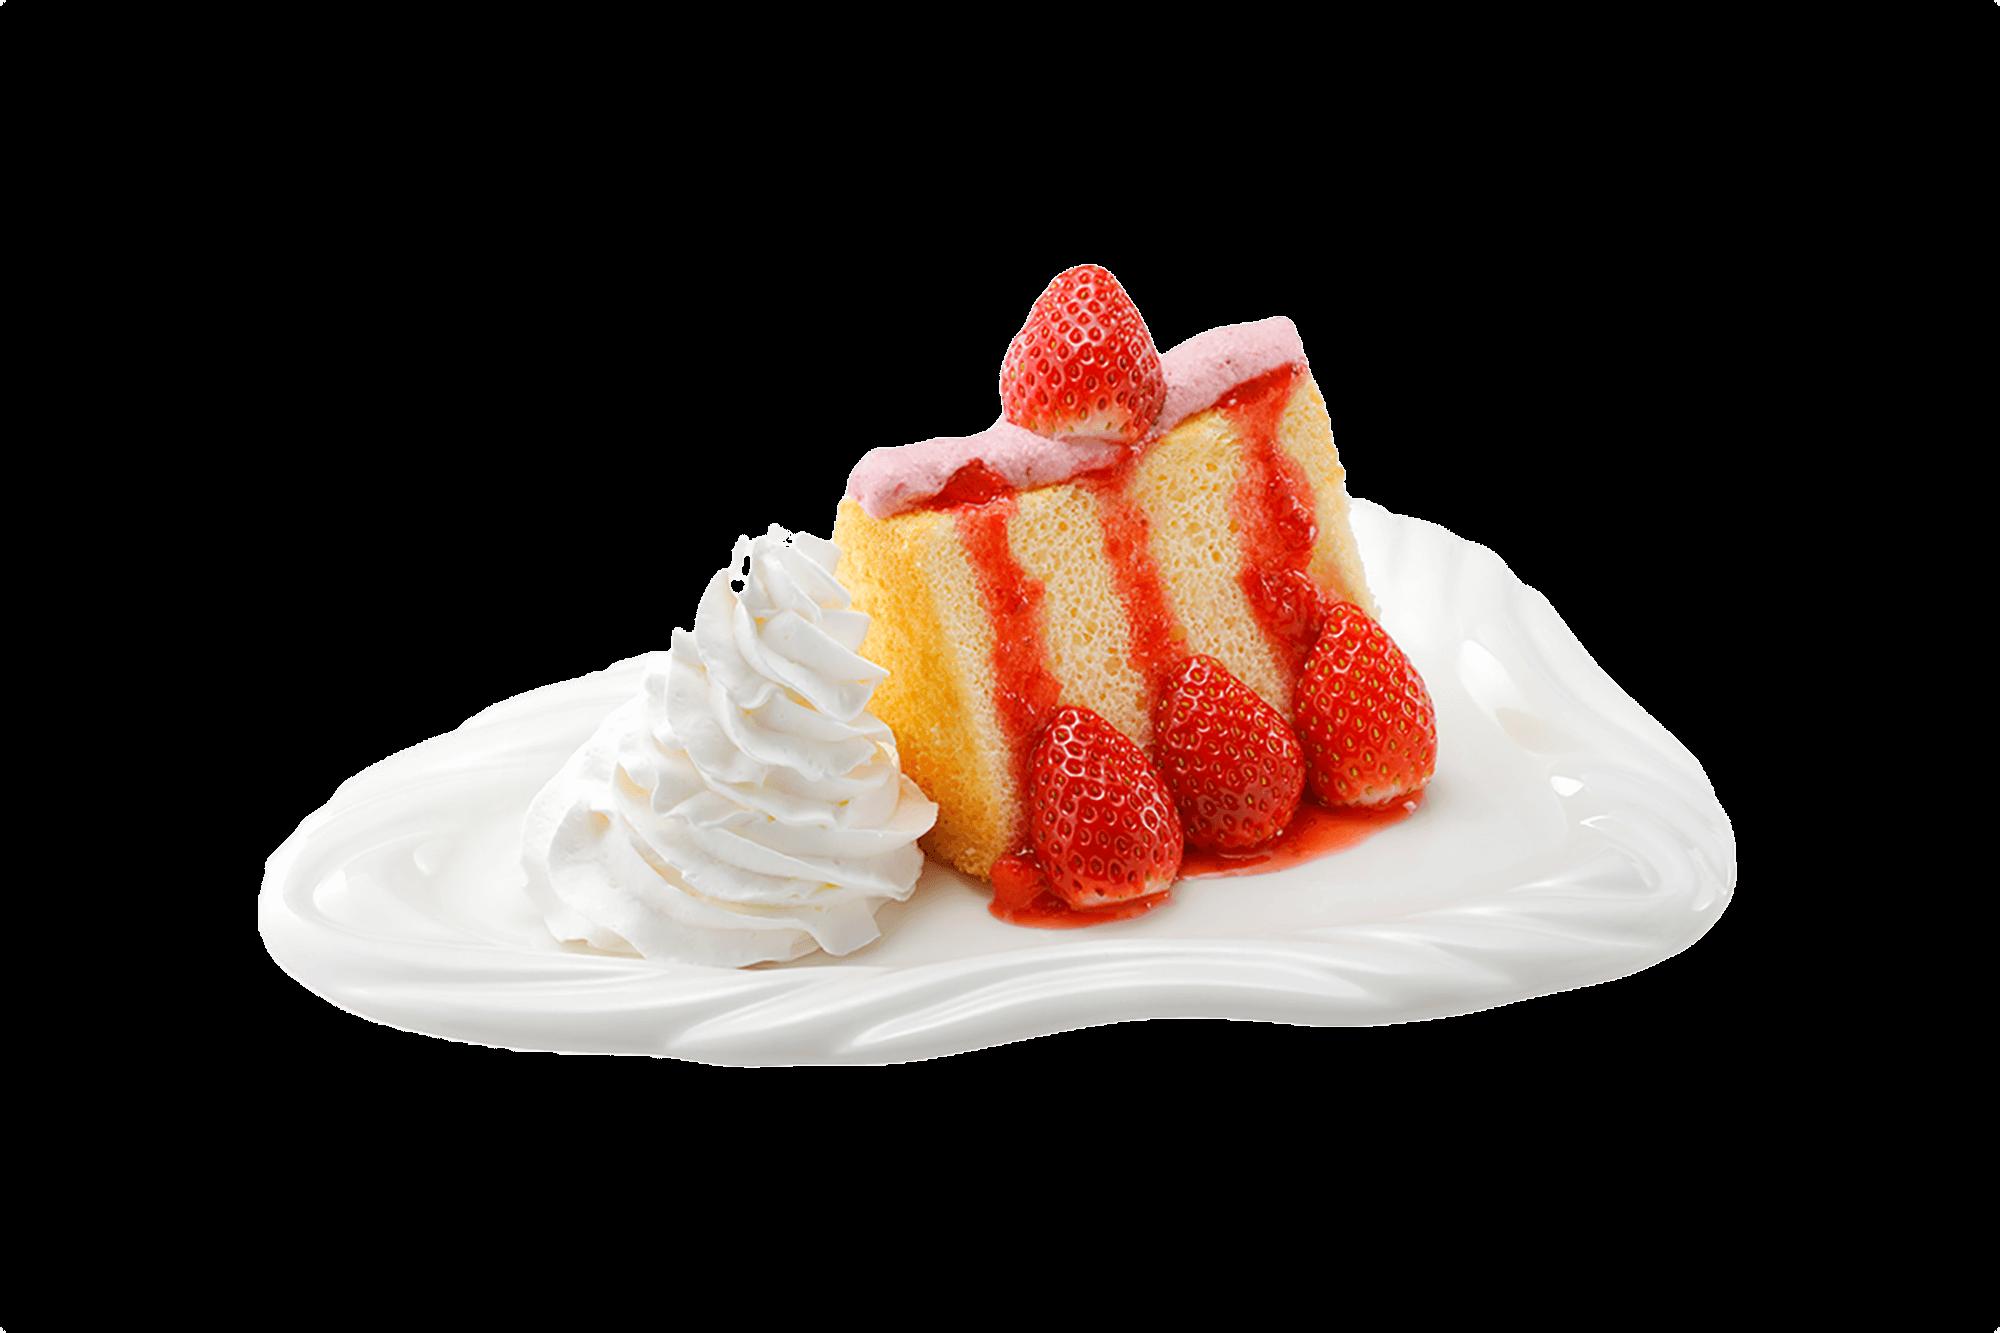 びっくりドンキーの『シルキーソフトケーキ 〜完熟いちご&マスカルポーネ苺クリーム~』